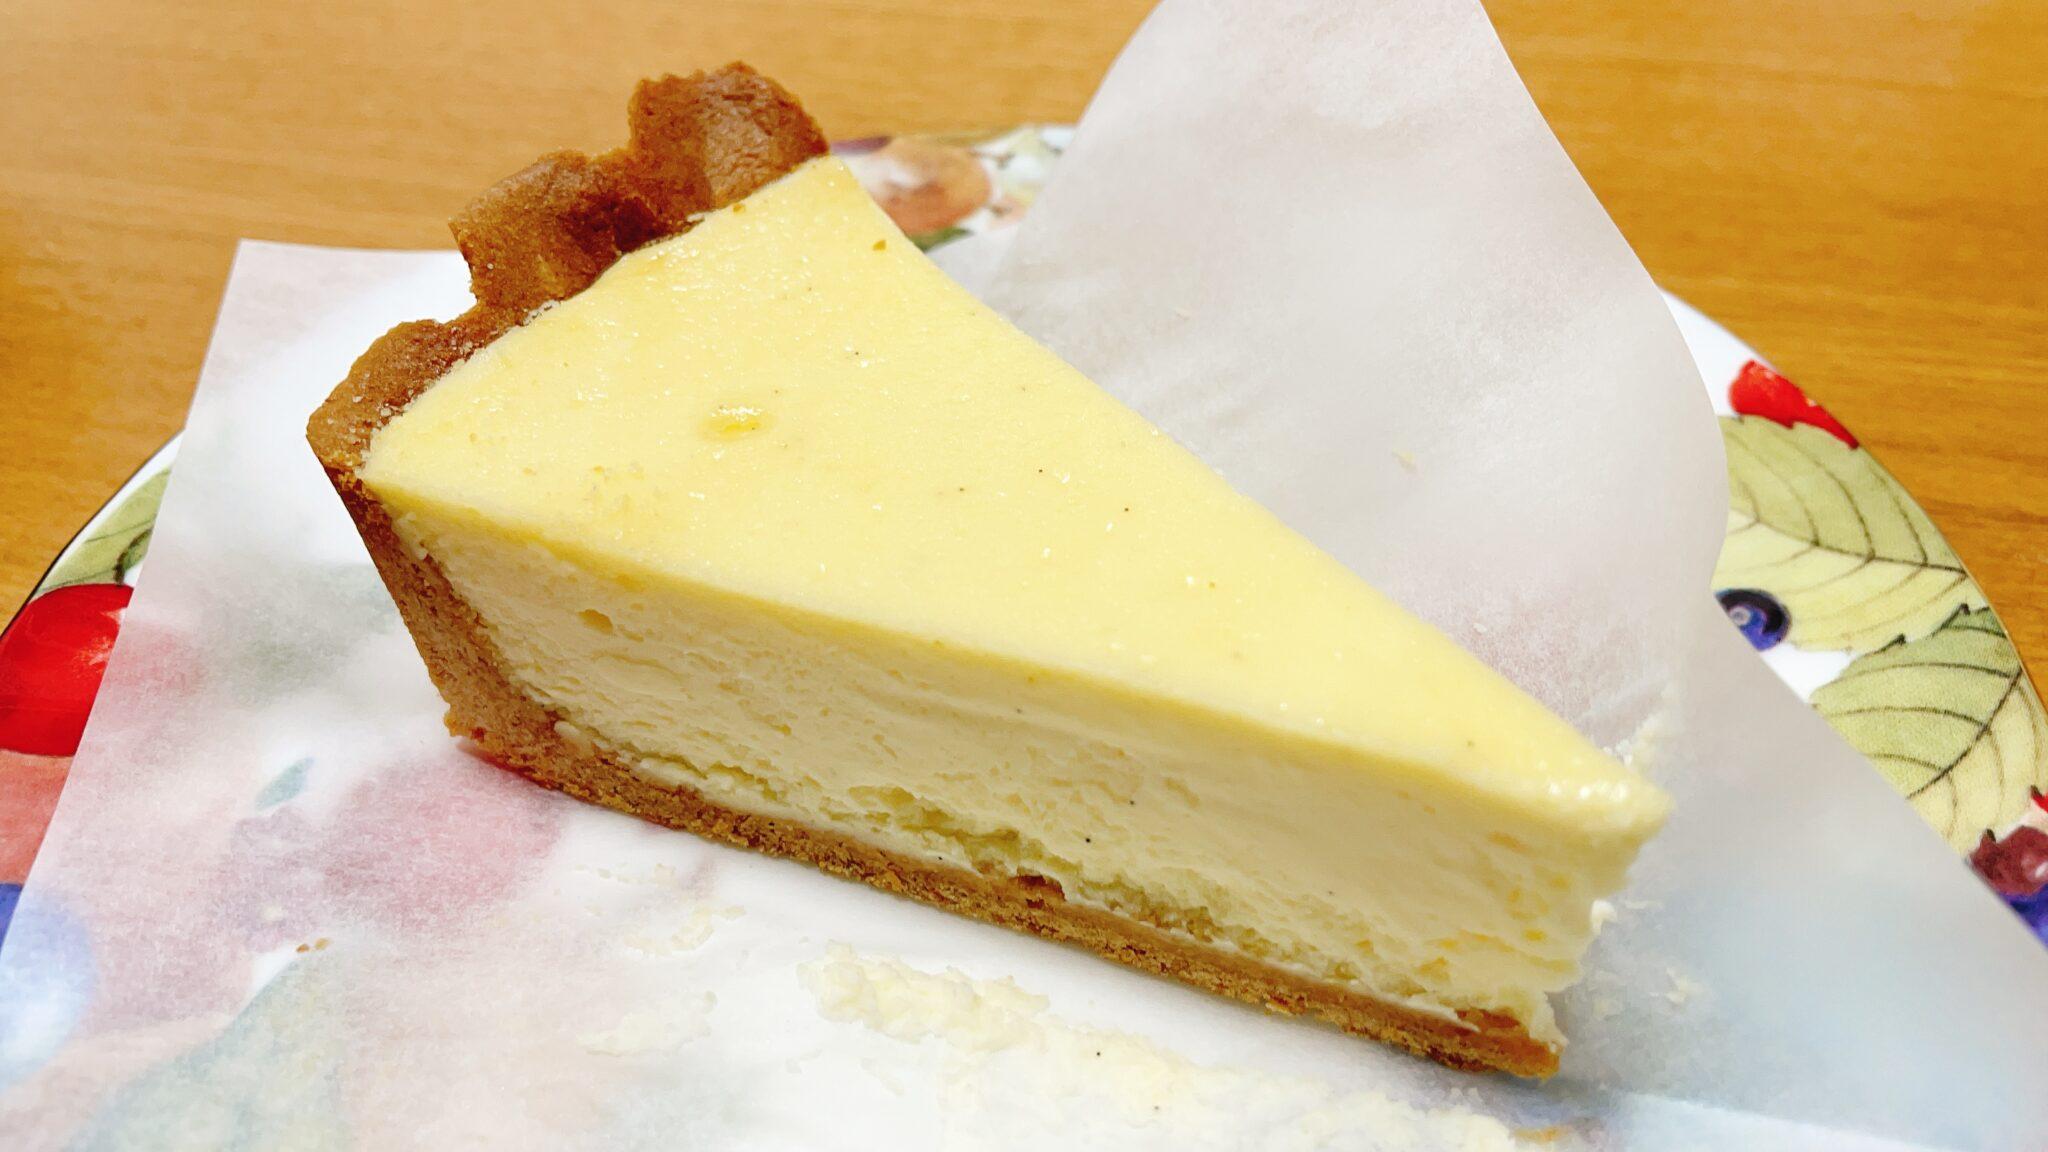 ヨウケル舎のチーズケーキ(ニューヨークチーズタルト)